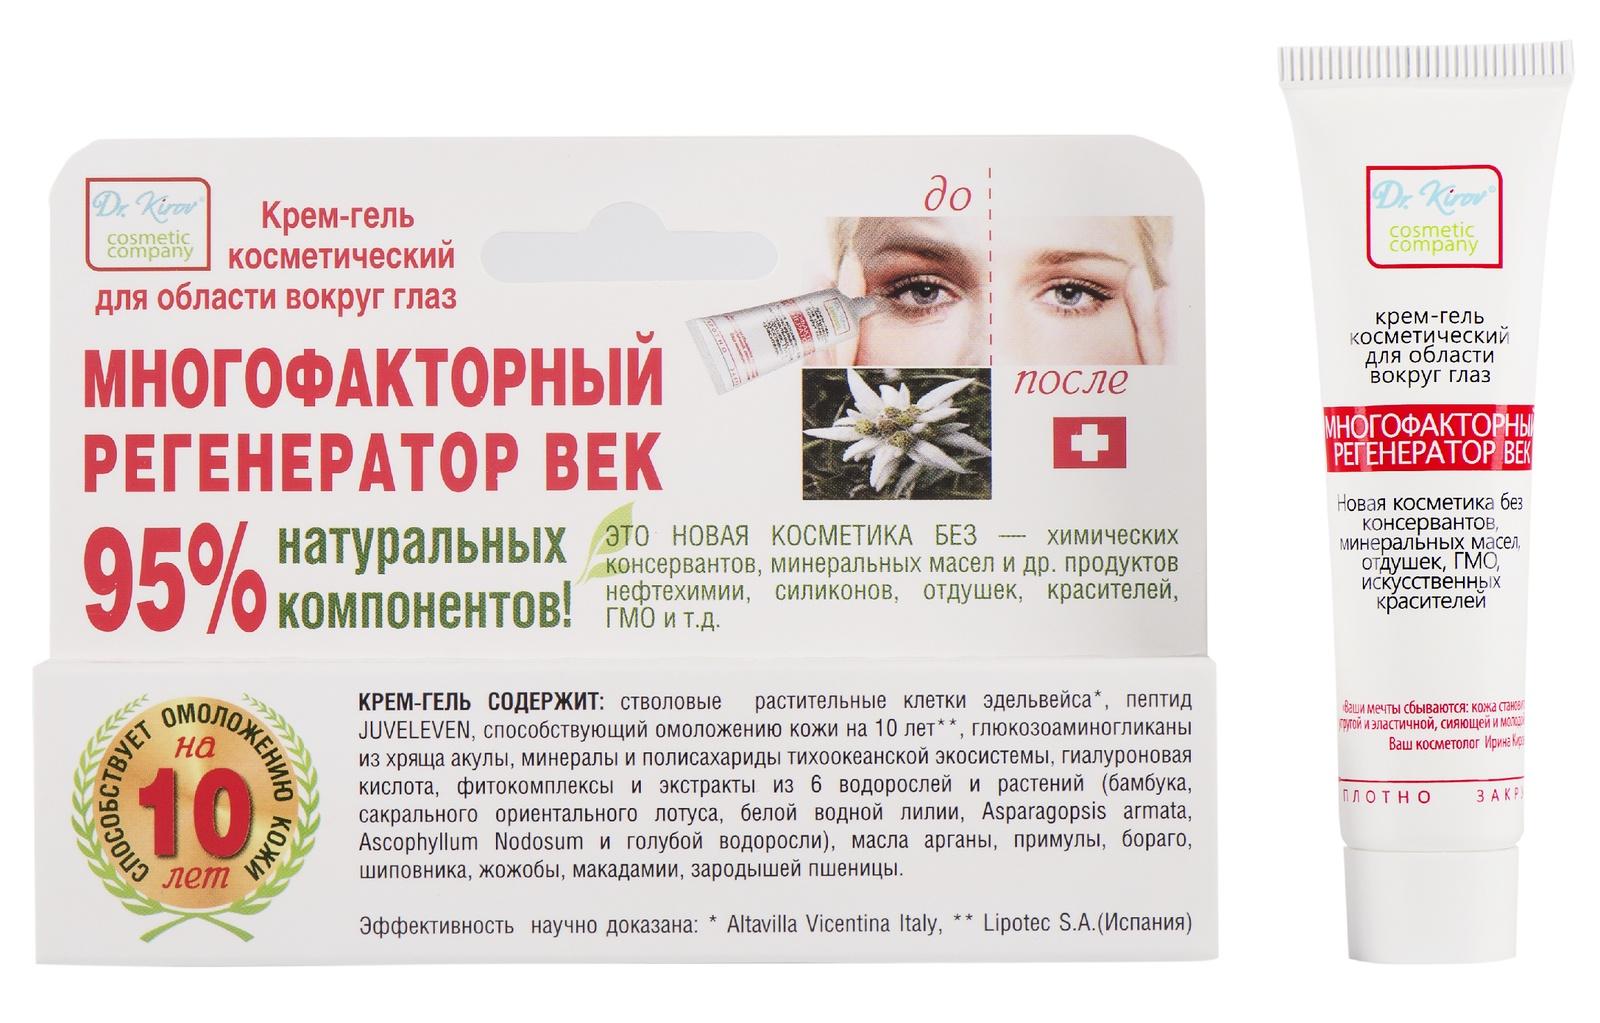 Косметика доктор киров купить в аптеке купить косметику мэри кей в казани